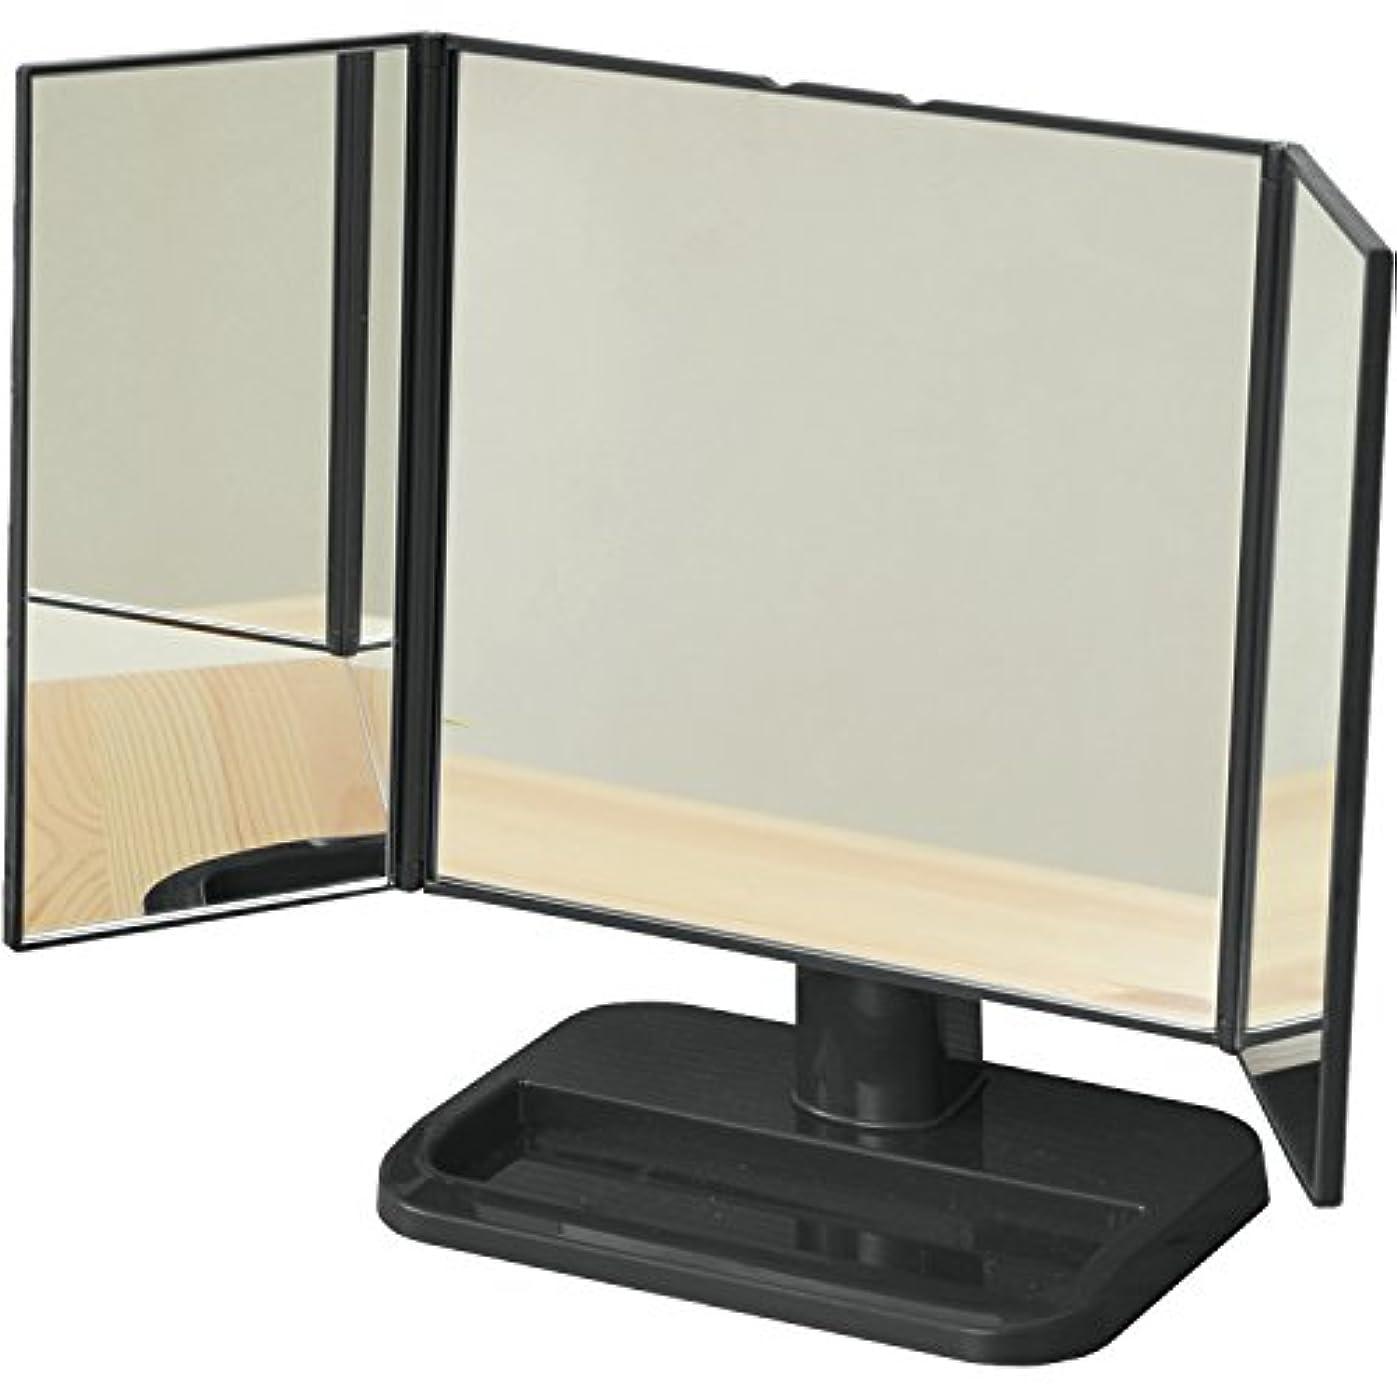 引数むしろブロッサム山善 卓上三面鏡 ブラック PM3-4326(BK)